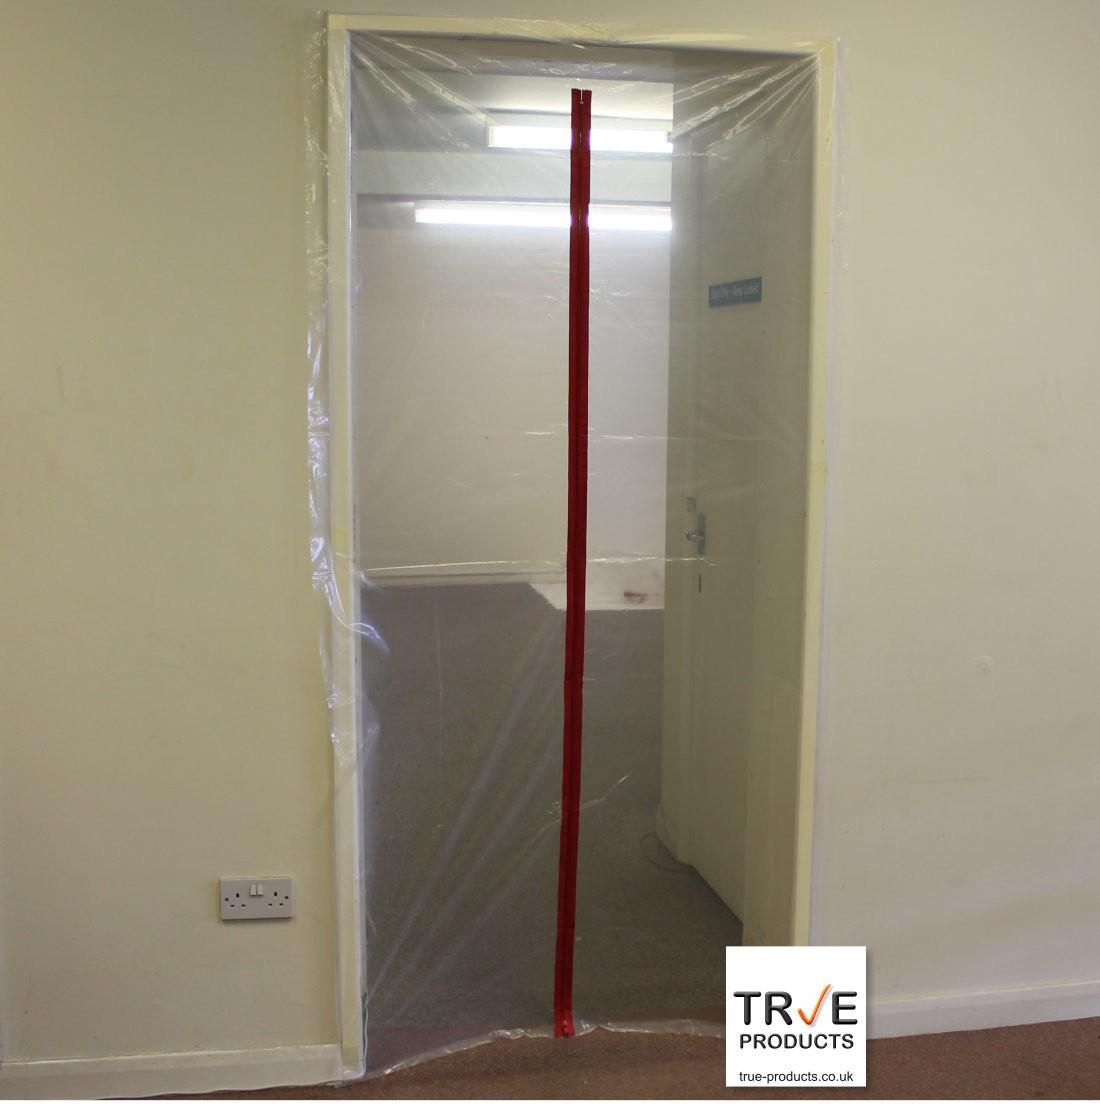 & 1 Zip Door Kit - Dust Prevention Door